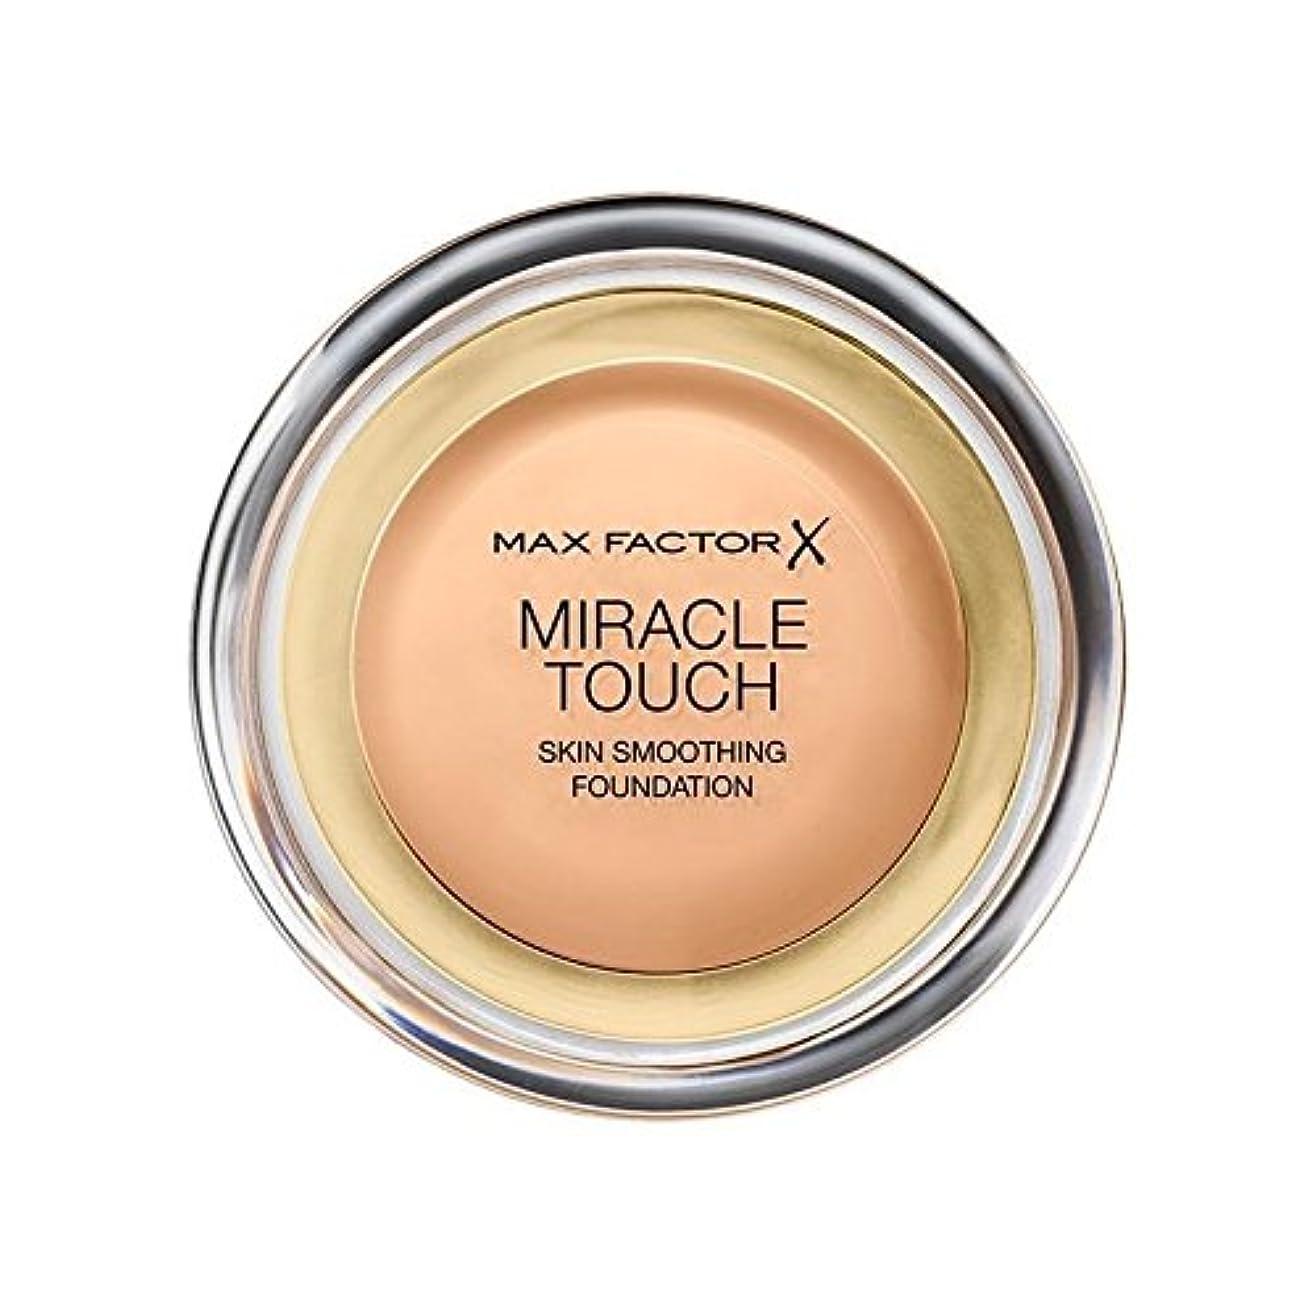 支援する未接続追うMax Factor Miracle Touch Foundation Golden 75 - マックスファクターの奇跡のタッチ基盤黄金の75 [並行輸入品]